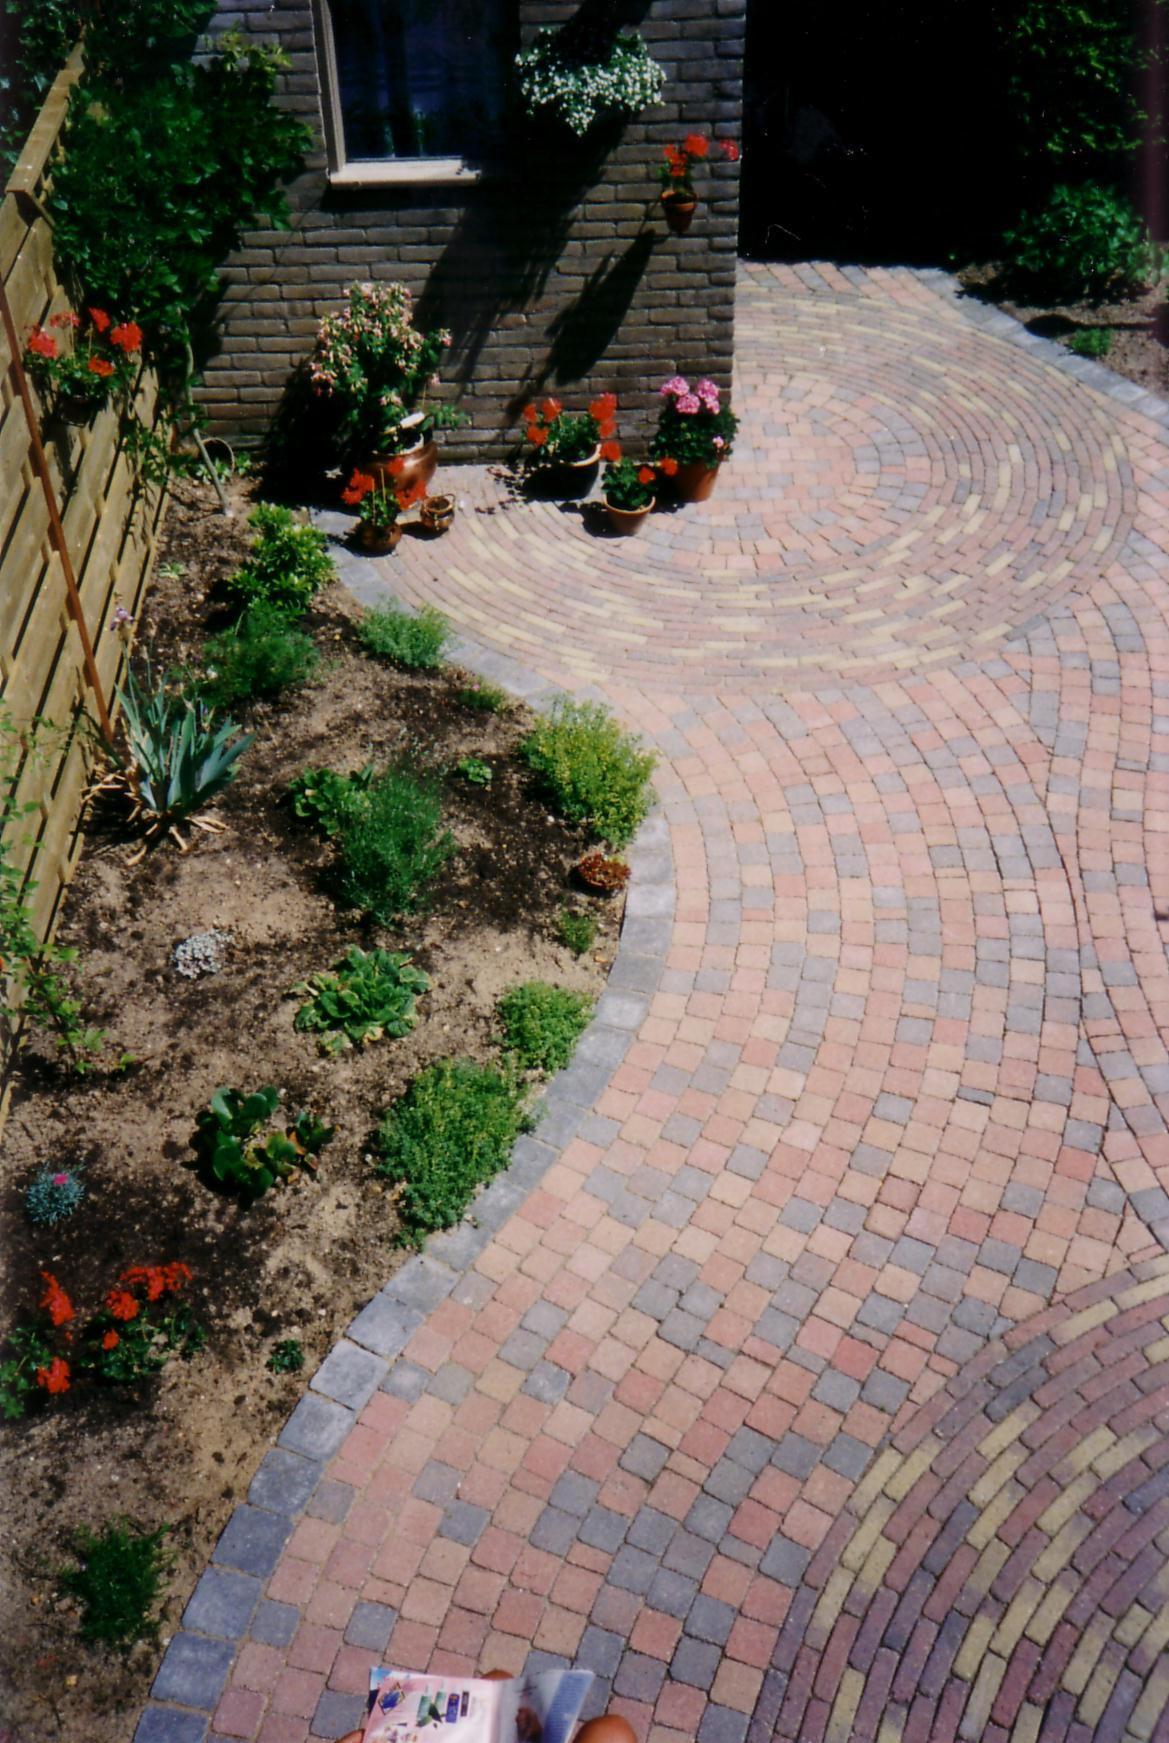 Tuin Voorbeelden Bestrating.Voorbeelden Bestrating Achtertuin Super Maarten Bos Bestrating